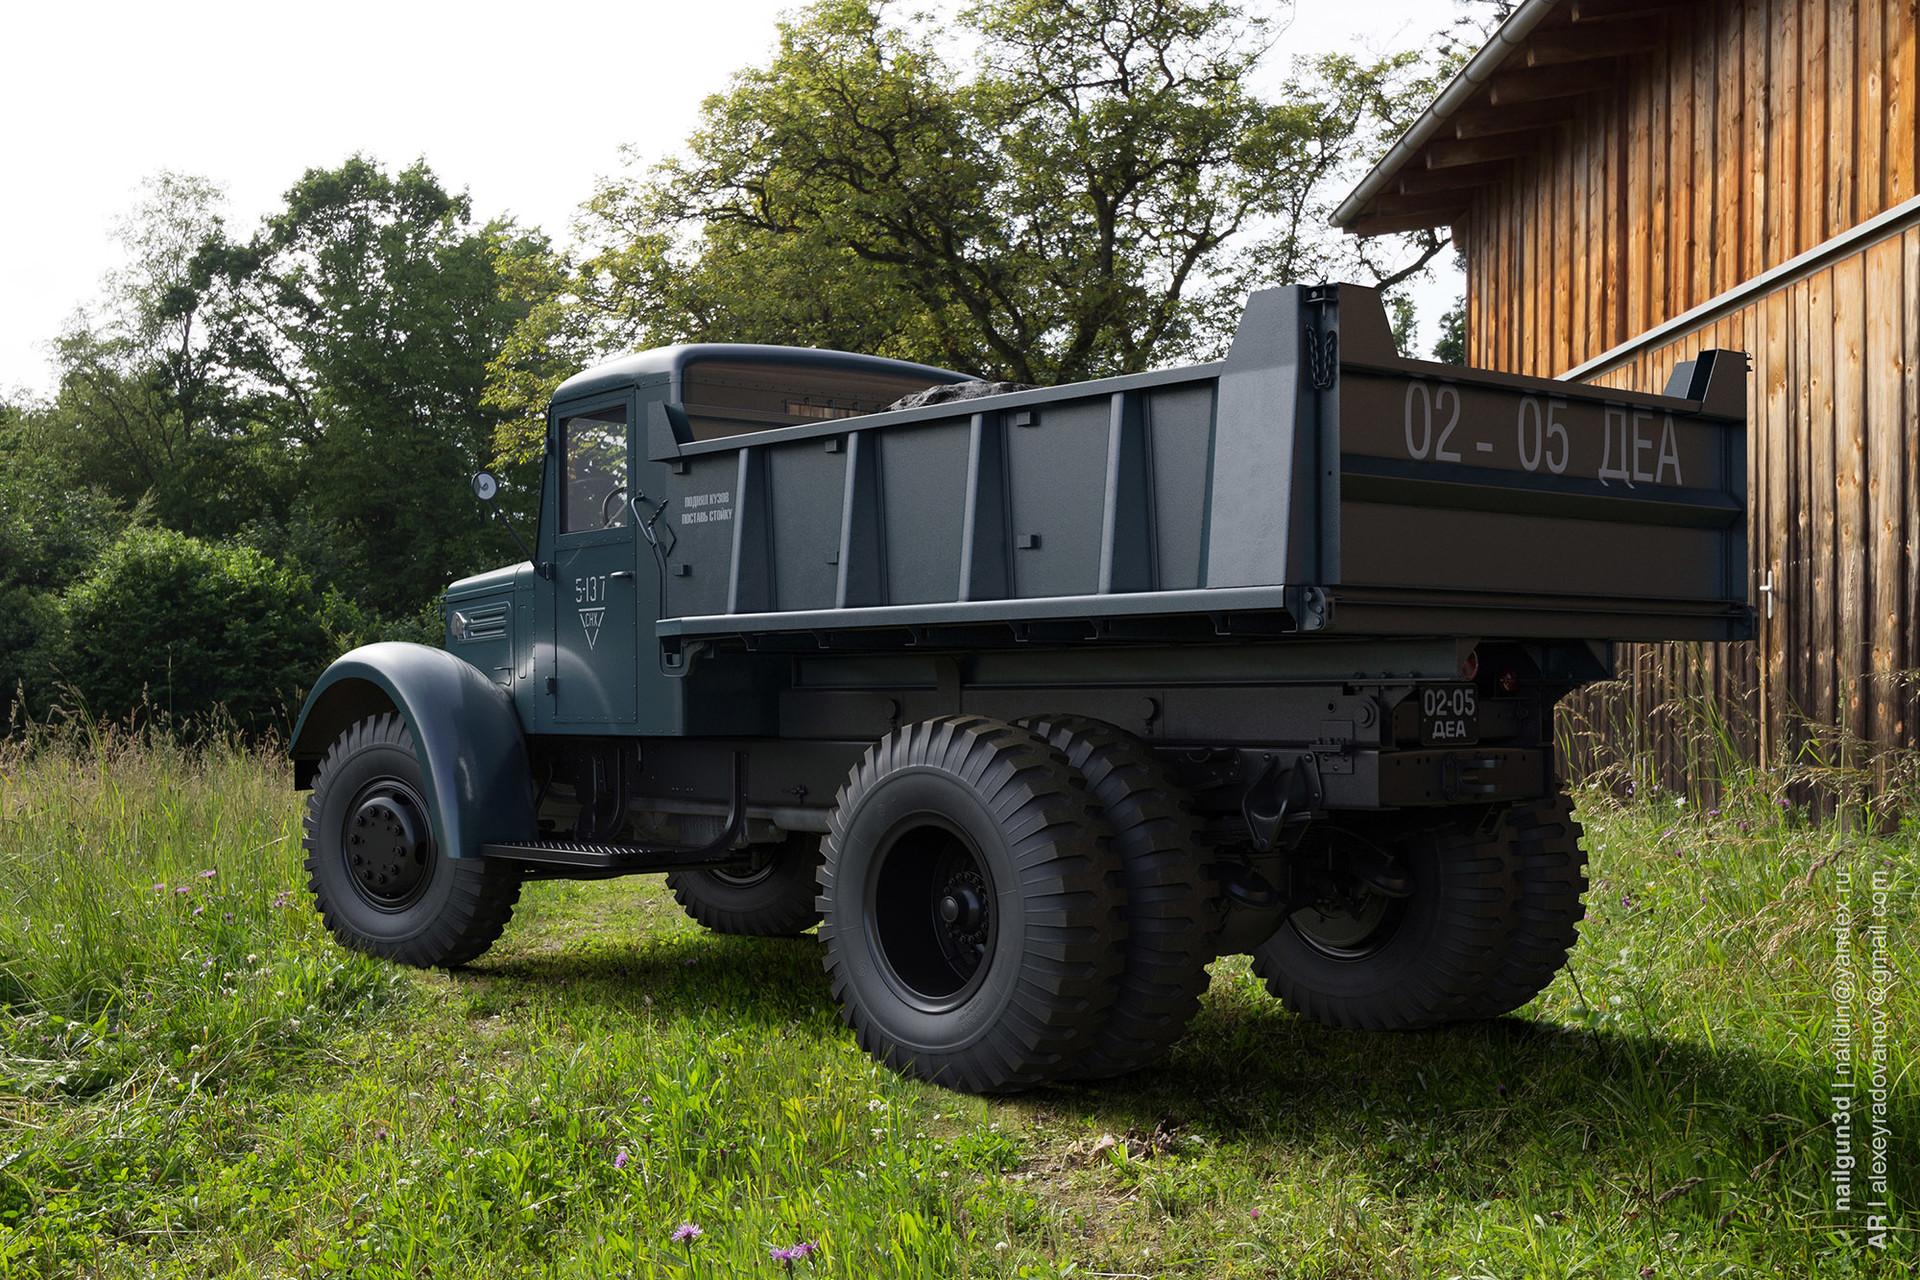 Nail khusnutdinov alg 034 010 maz 205 rear view 3x